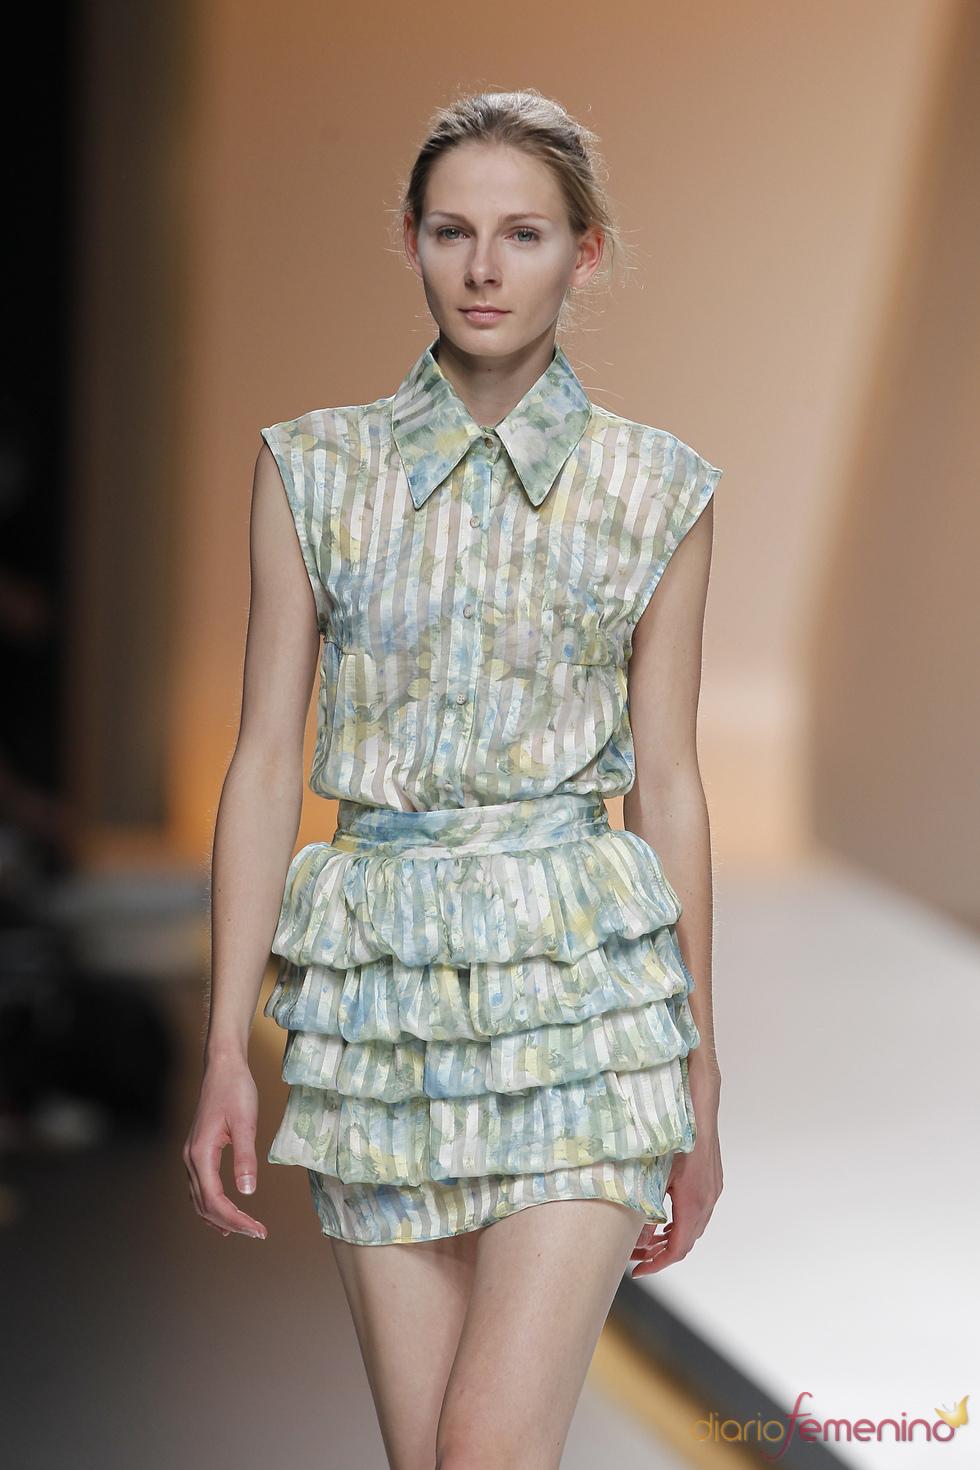 Diana Dorado renueva el look romántico en Cibeles 2010